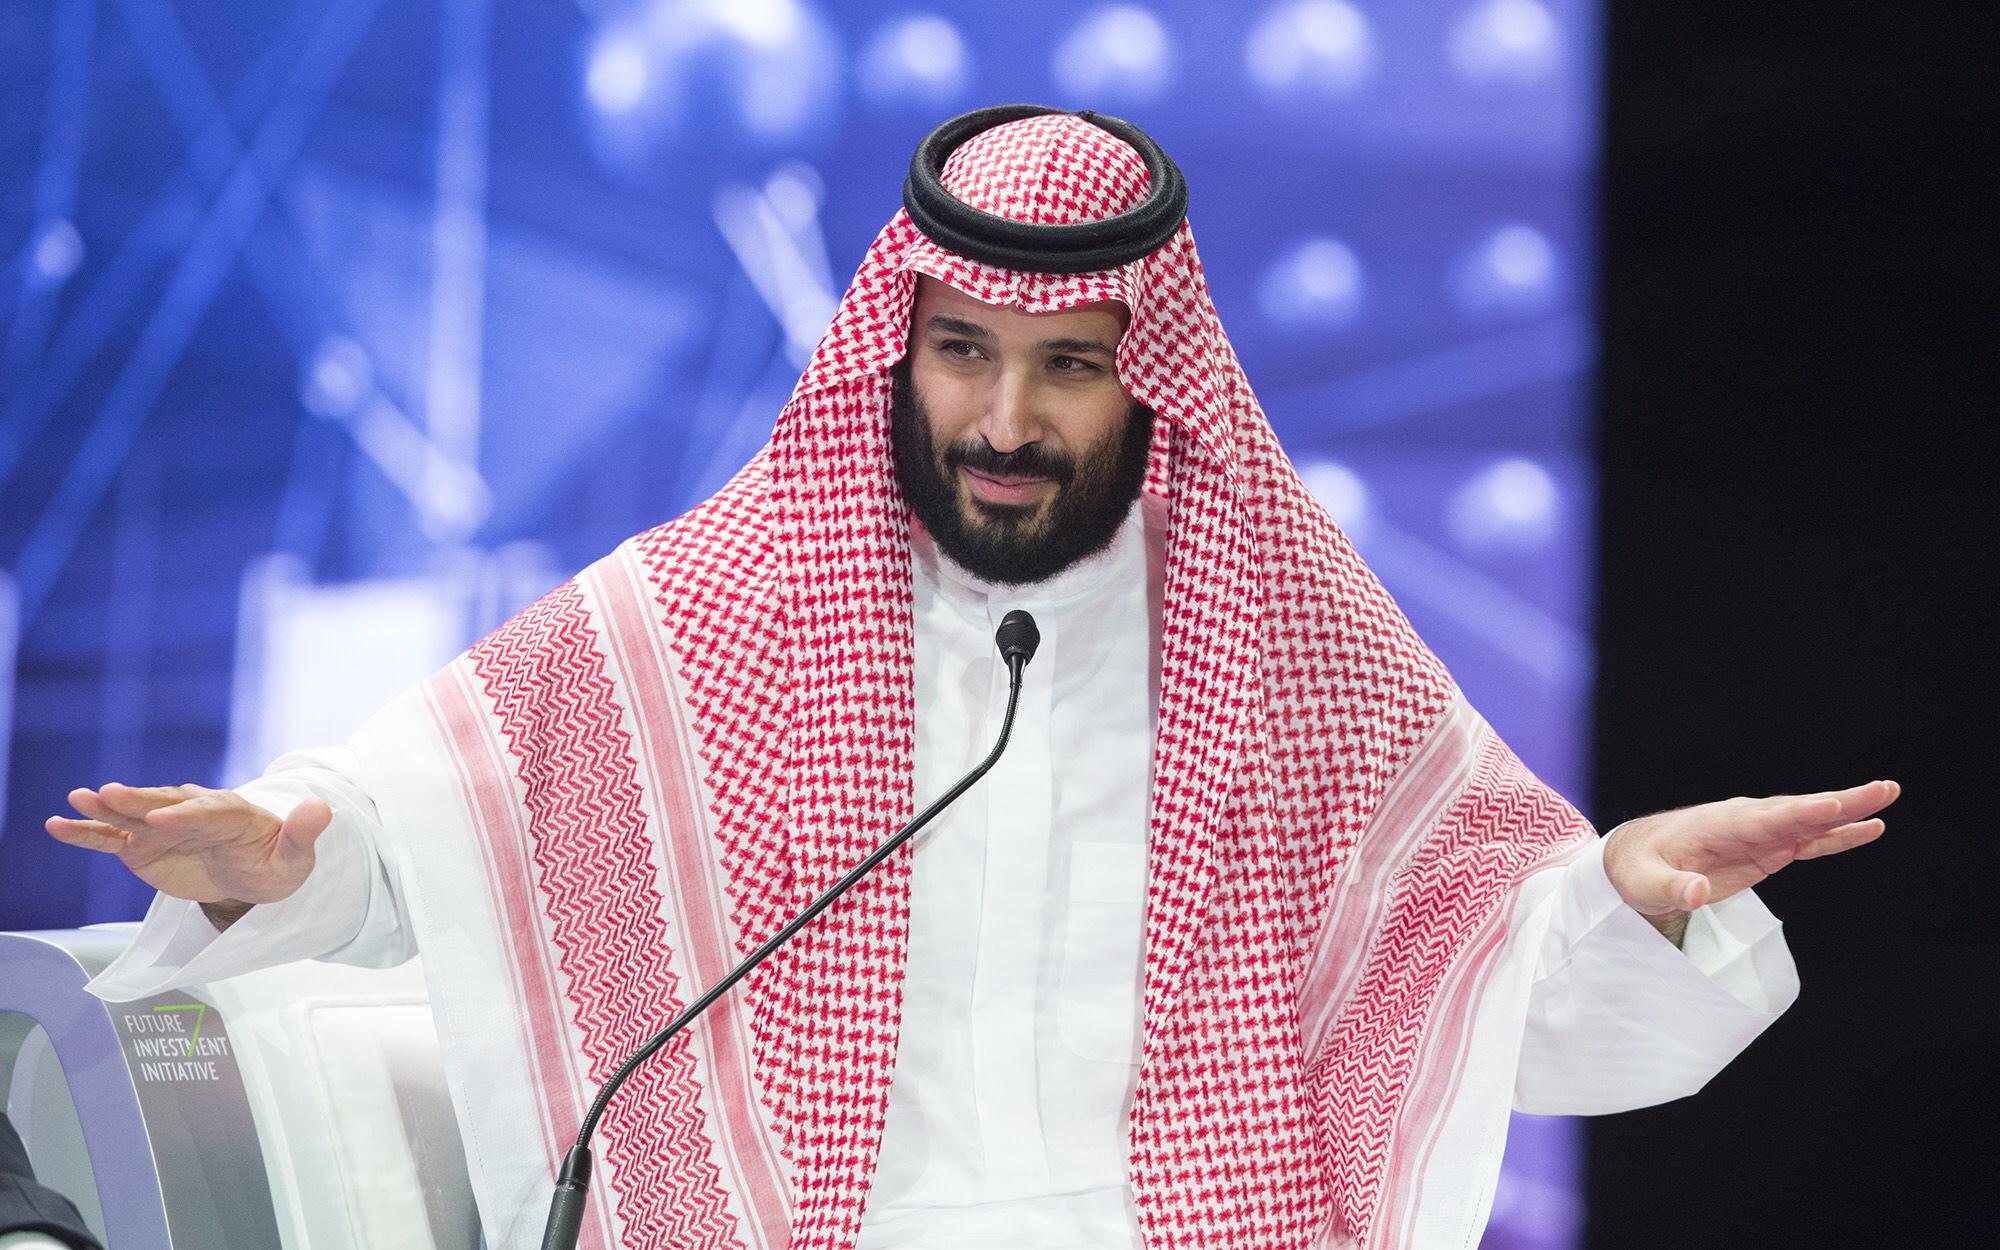 CIA tvrdi da je saudijski prijestolonasljednik naručio Khashoggijevo ubojstvo